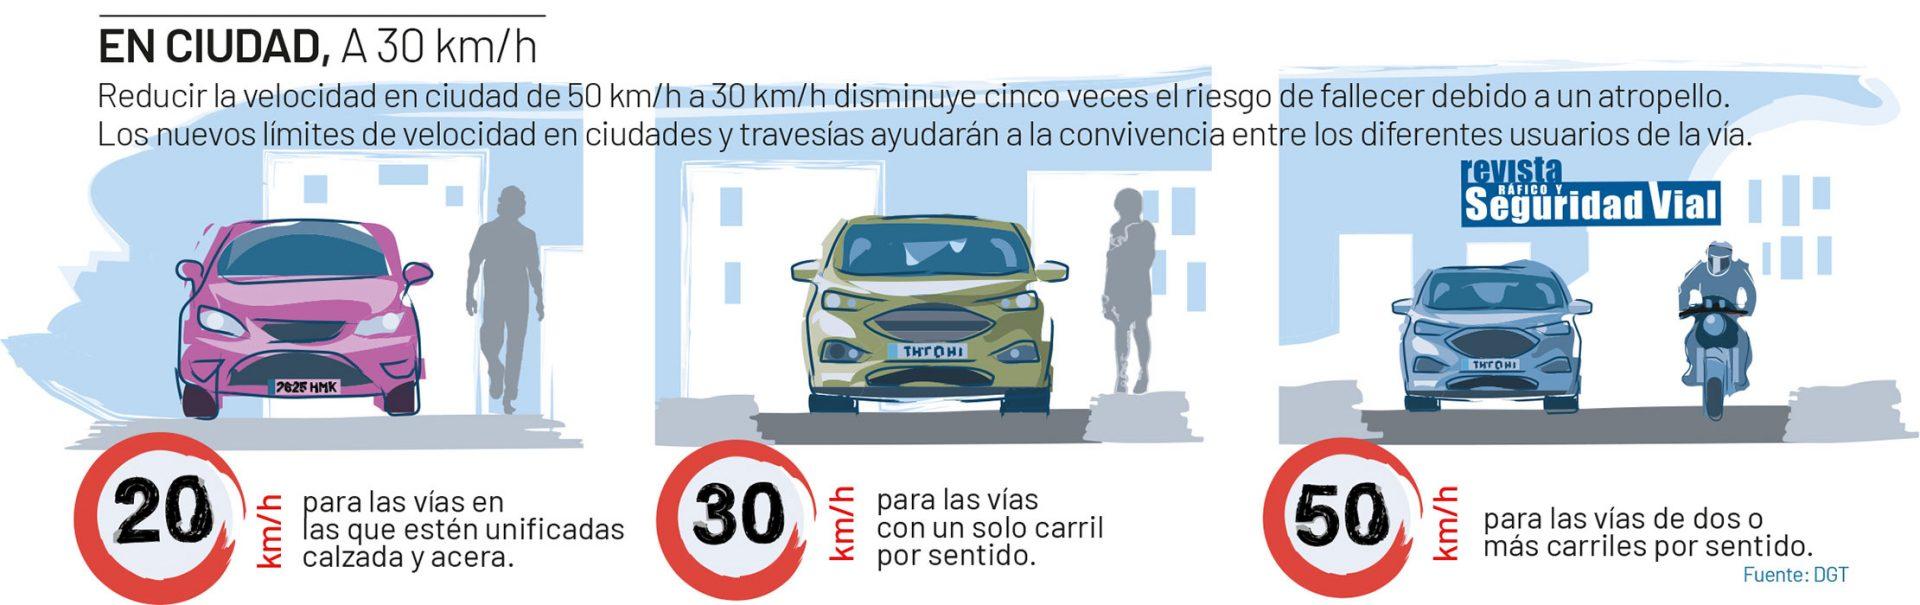 Límites de velocidad en ciudades 2021